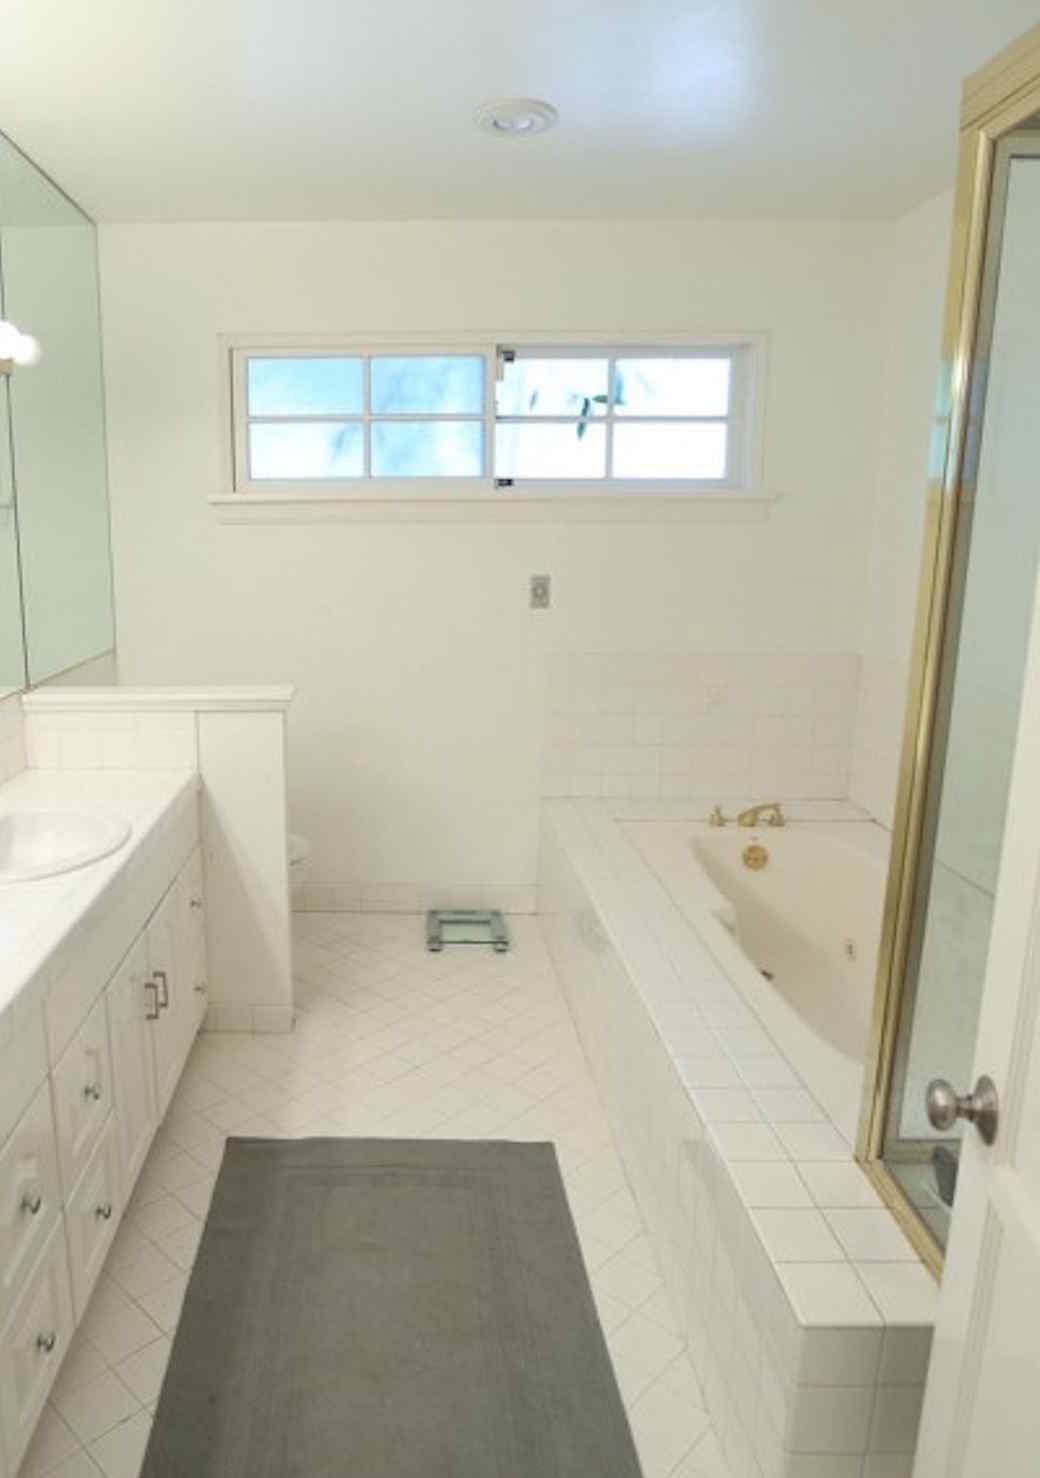 bathroom-remodel-modern-0815-11a_sq.jpg (skyword:290167)